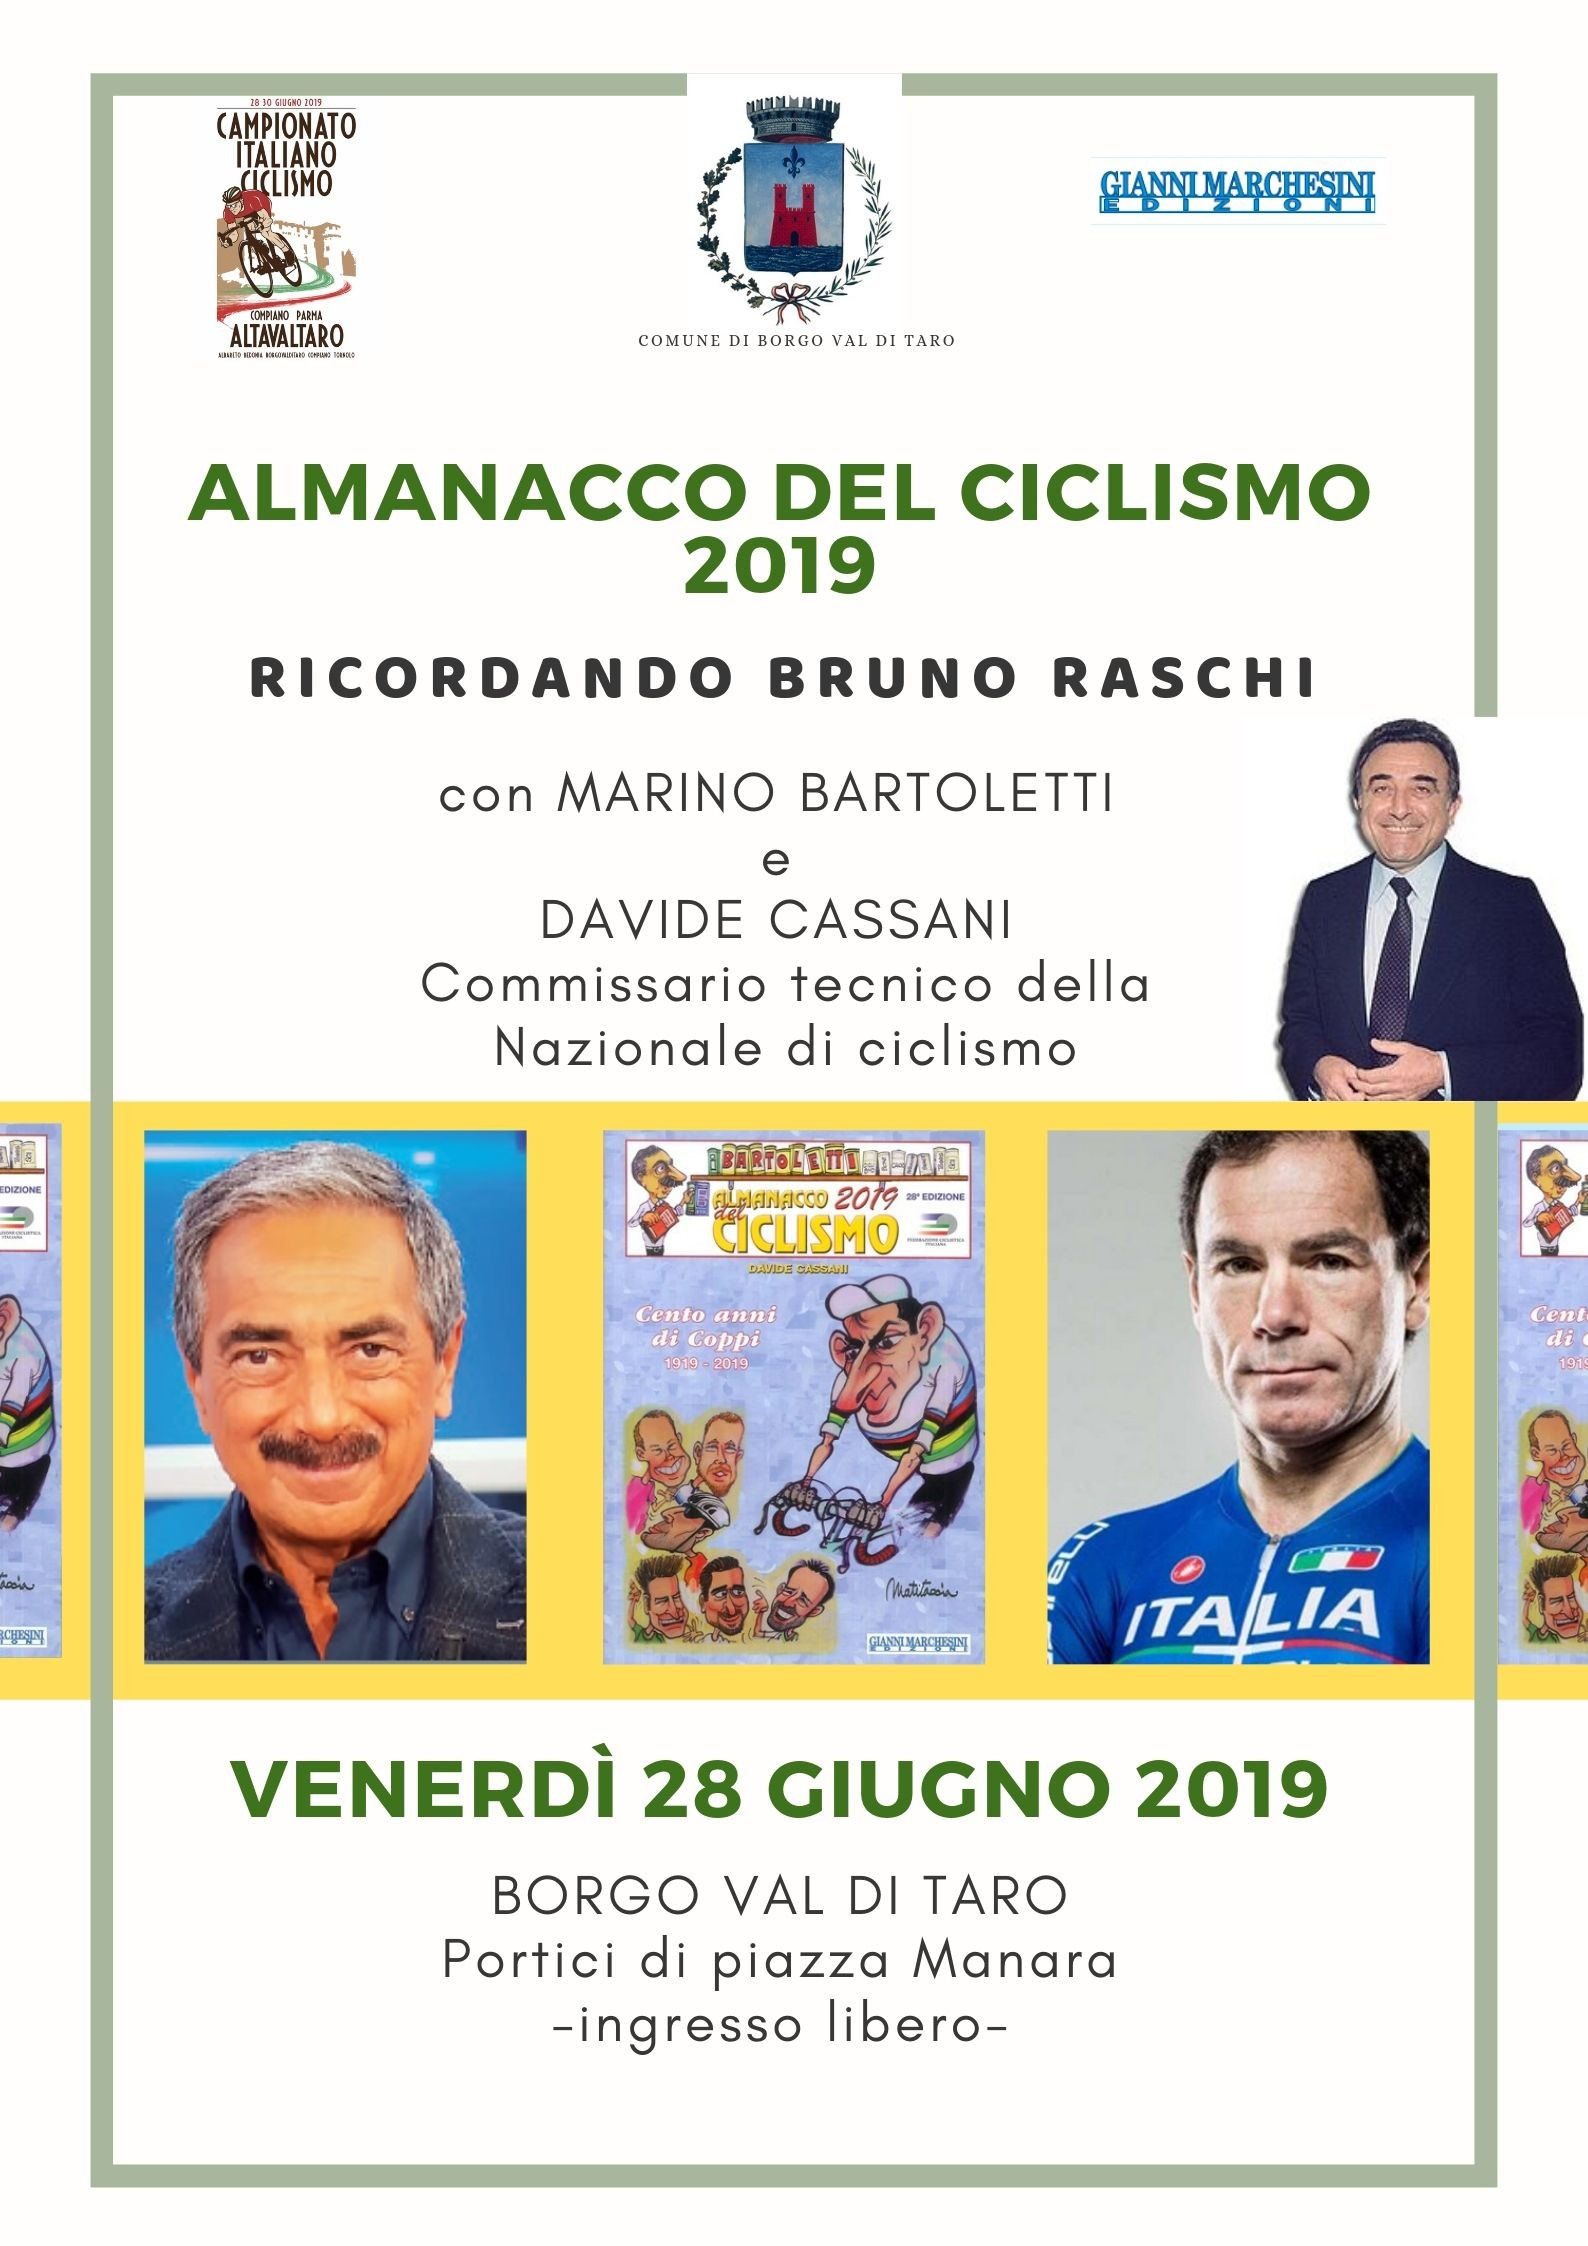 Presentazione dell'Almanacco del Ciclismo 2019.